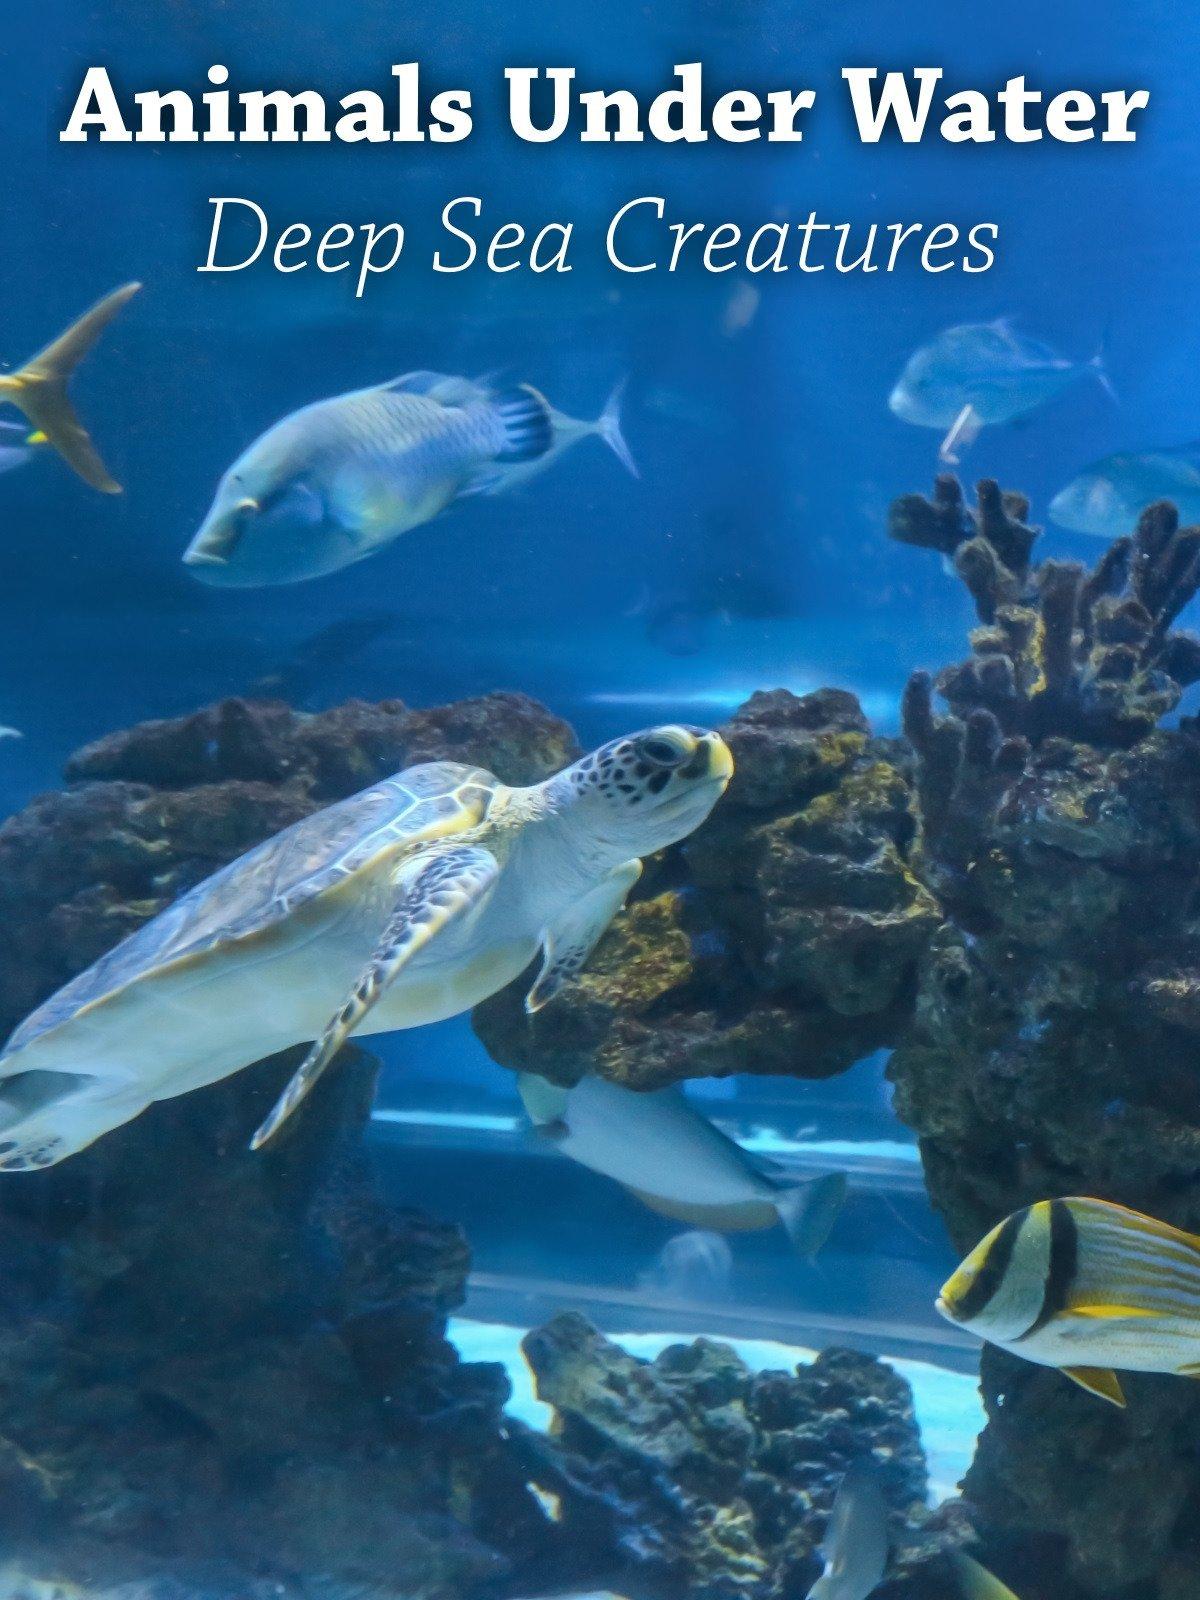 Animals under Water